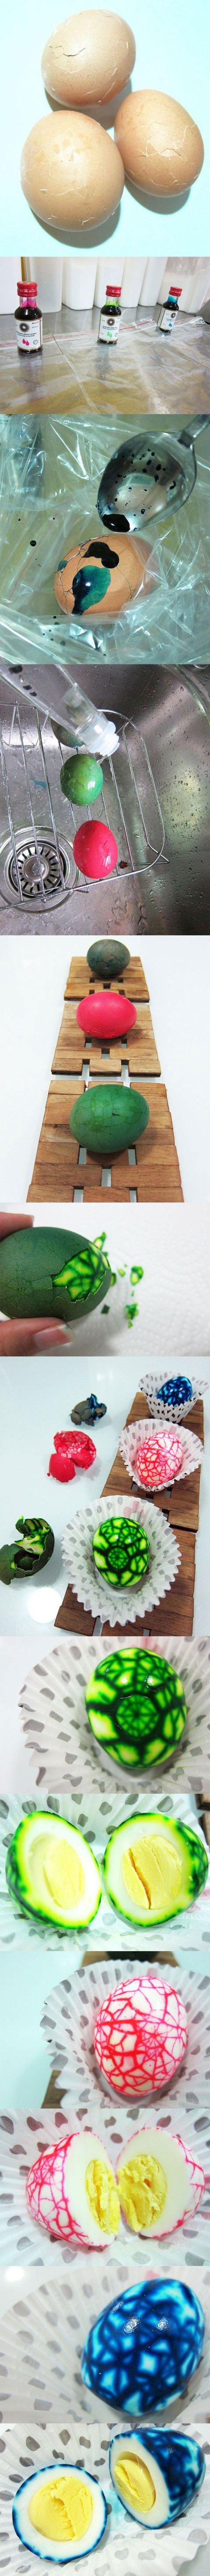 Marbled easter egg Door lia.pijpers.9